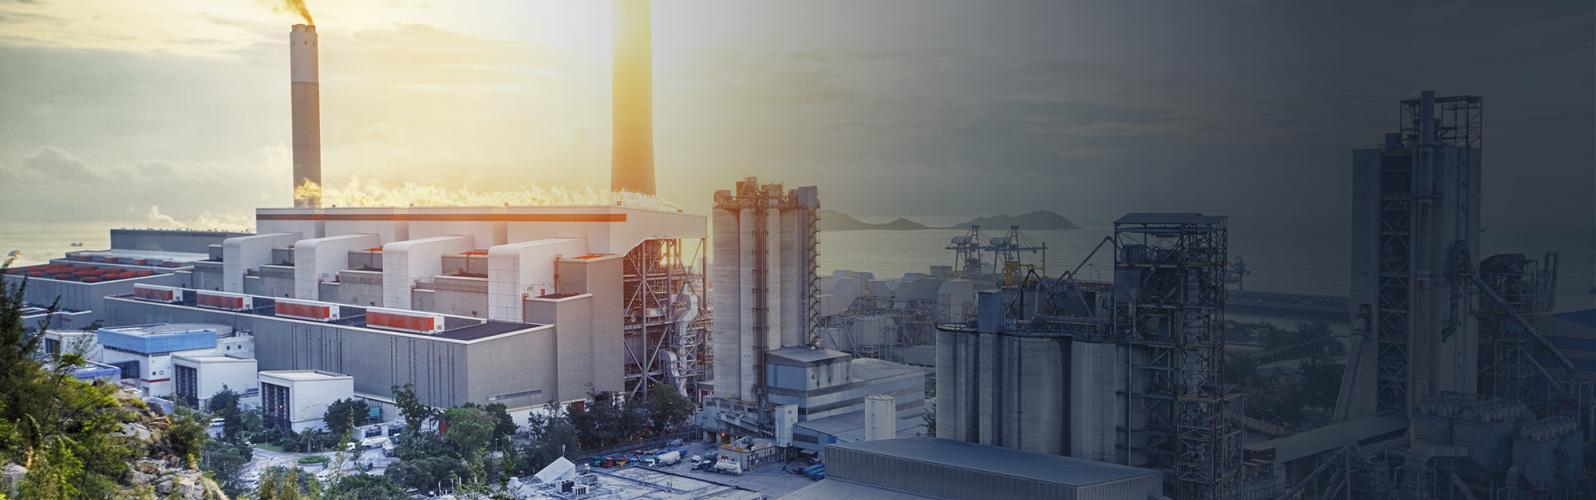 ПСМ, Ваш прогрессирует специалист полости насоса для добычи нефти и газа, продуктов питания и промышленности